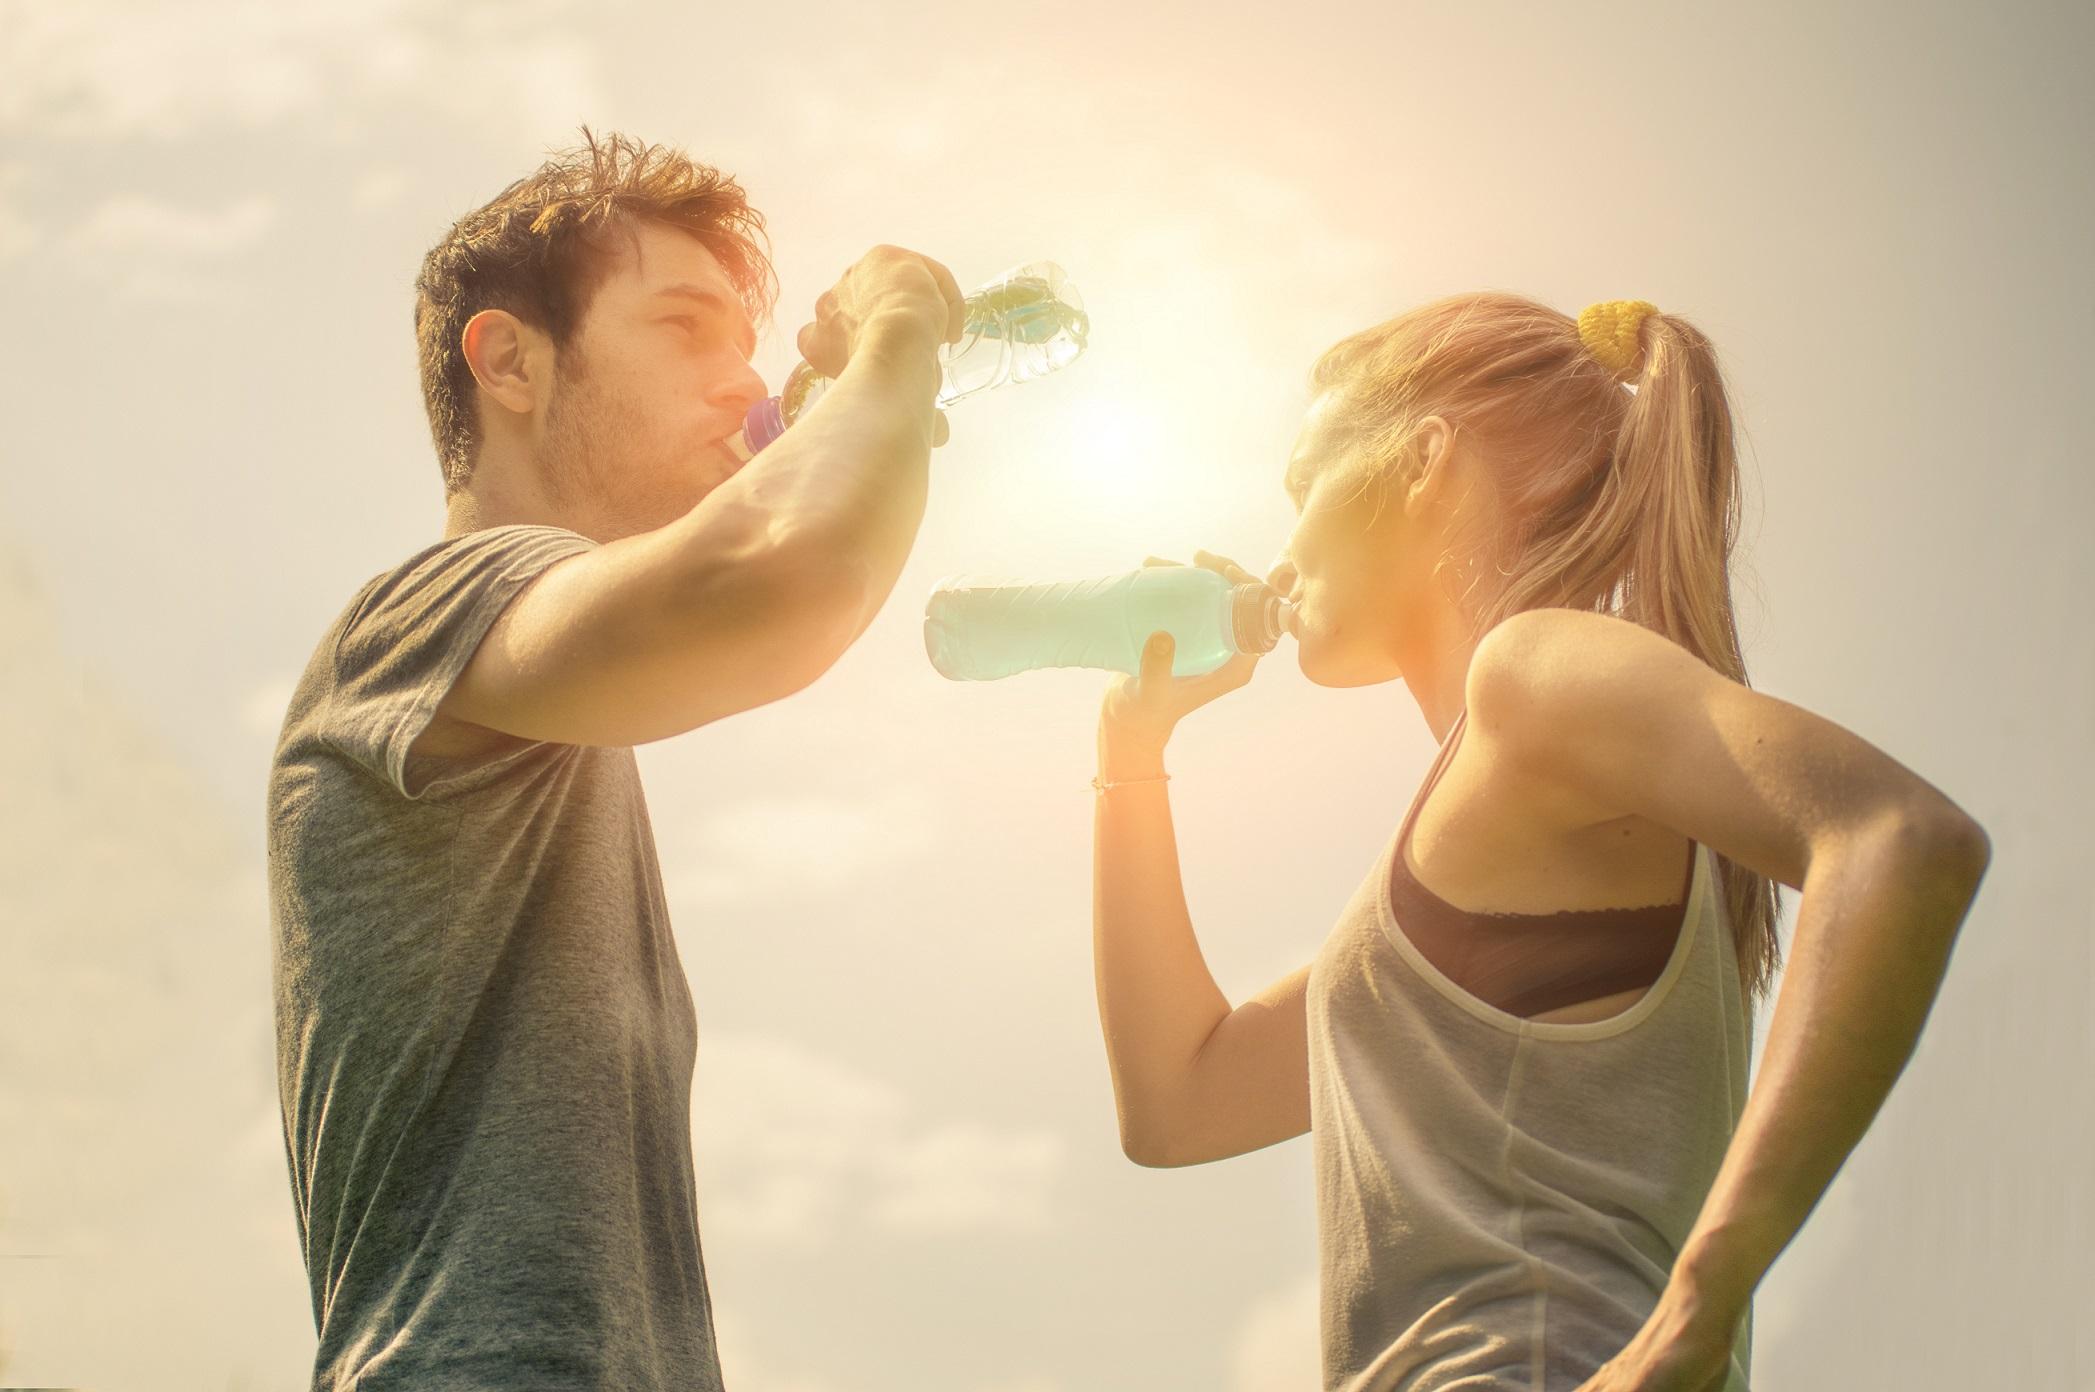 Bevande energetiche: ricarica o veleno?